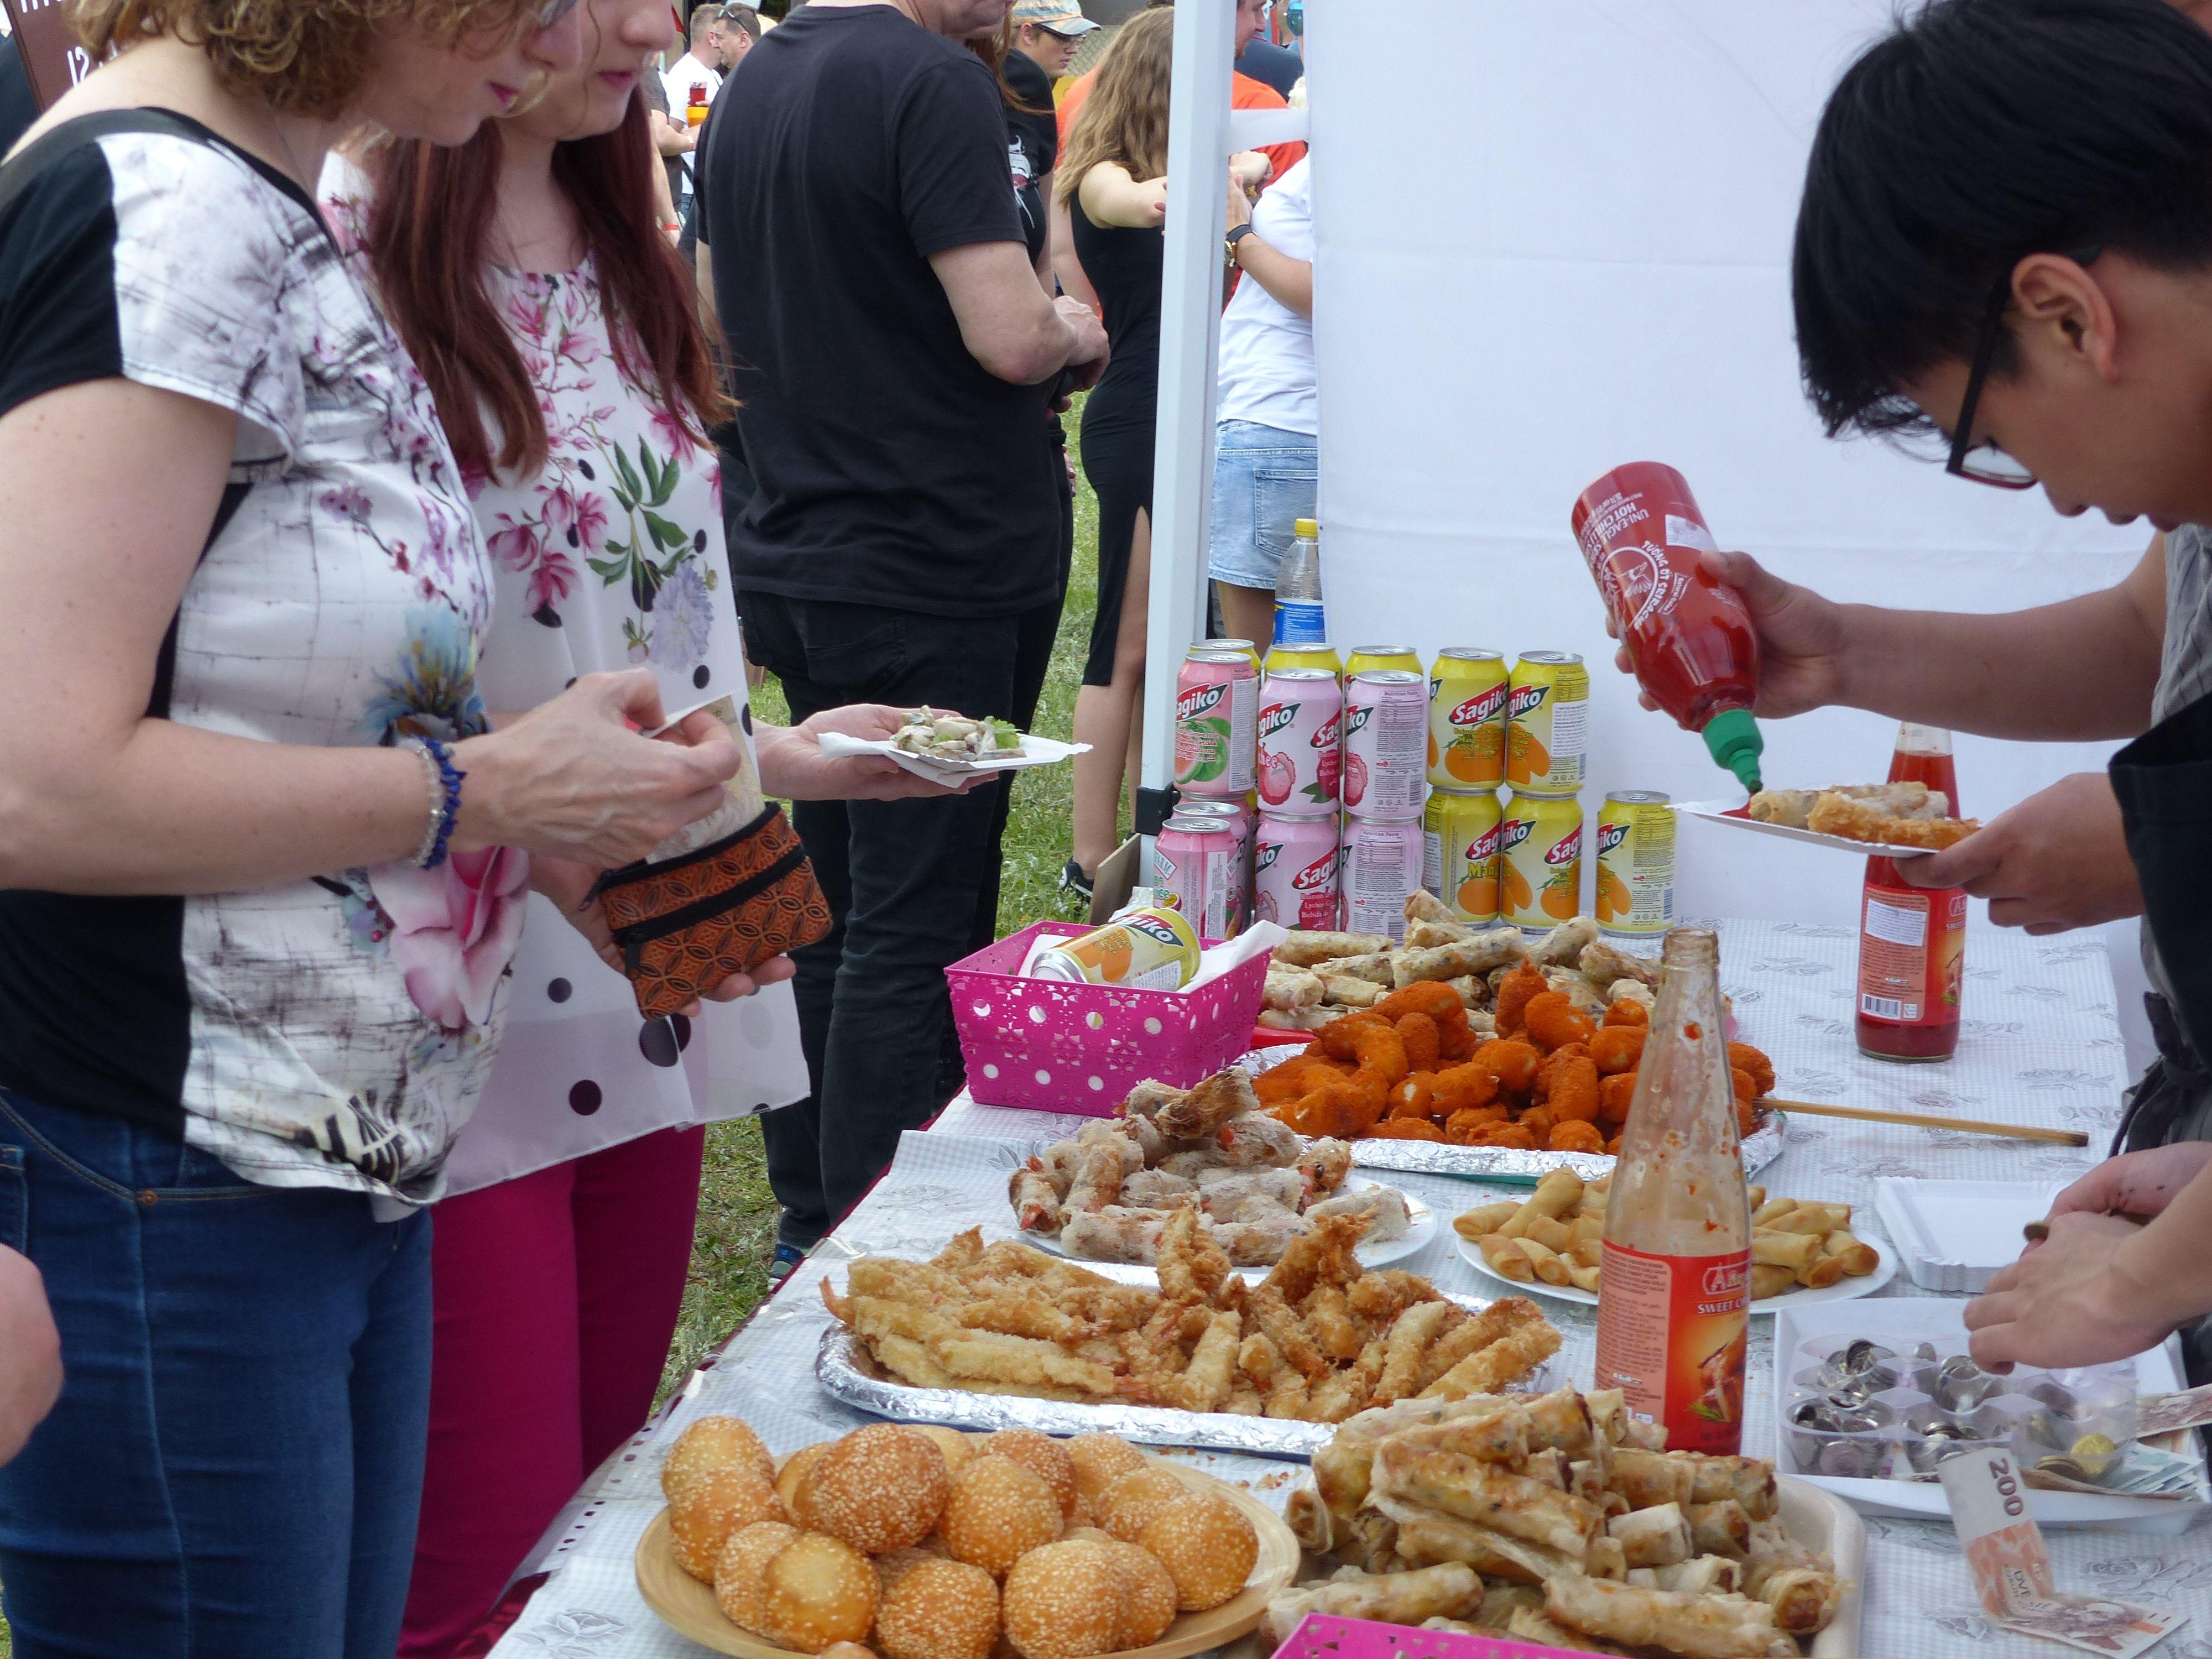 Své pokrmy předvedli i zástupci zahraničních kuchyní, především z Asie, Afriky či jižní Evropy.